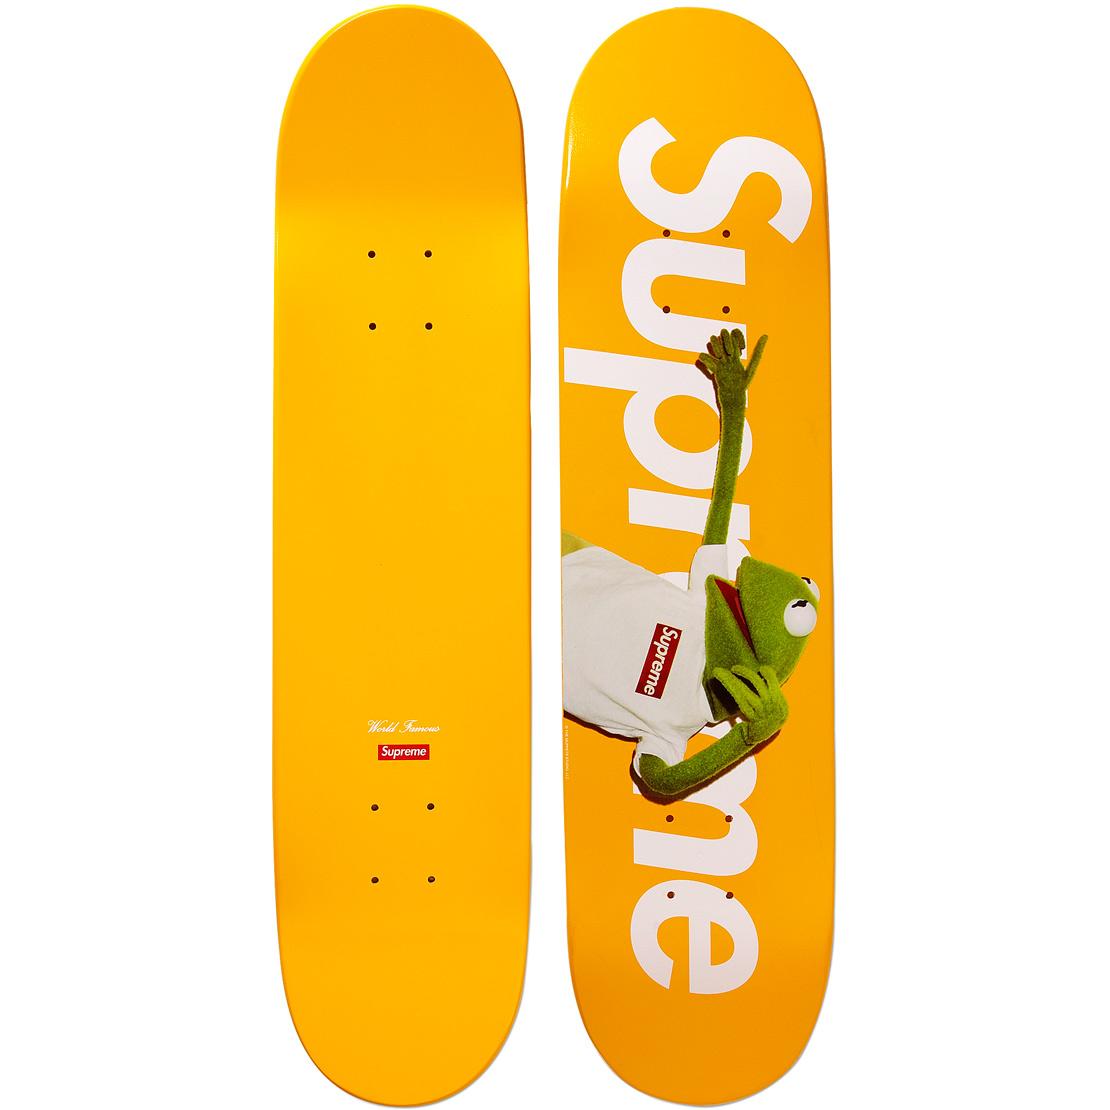 Supreme Kermit Skate Deck Yellow